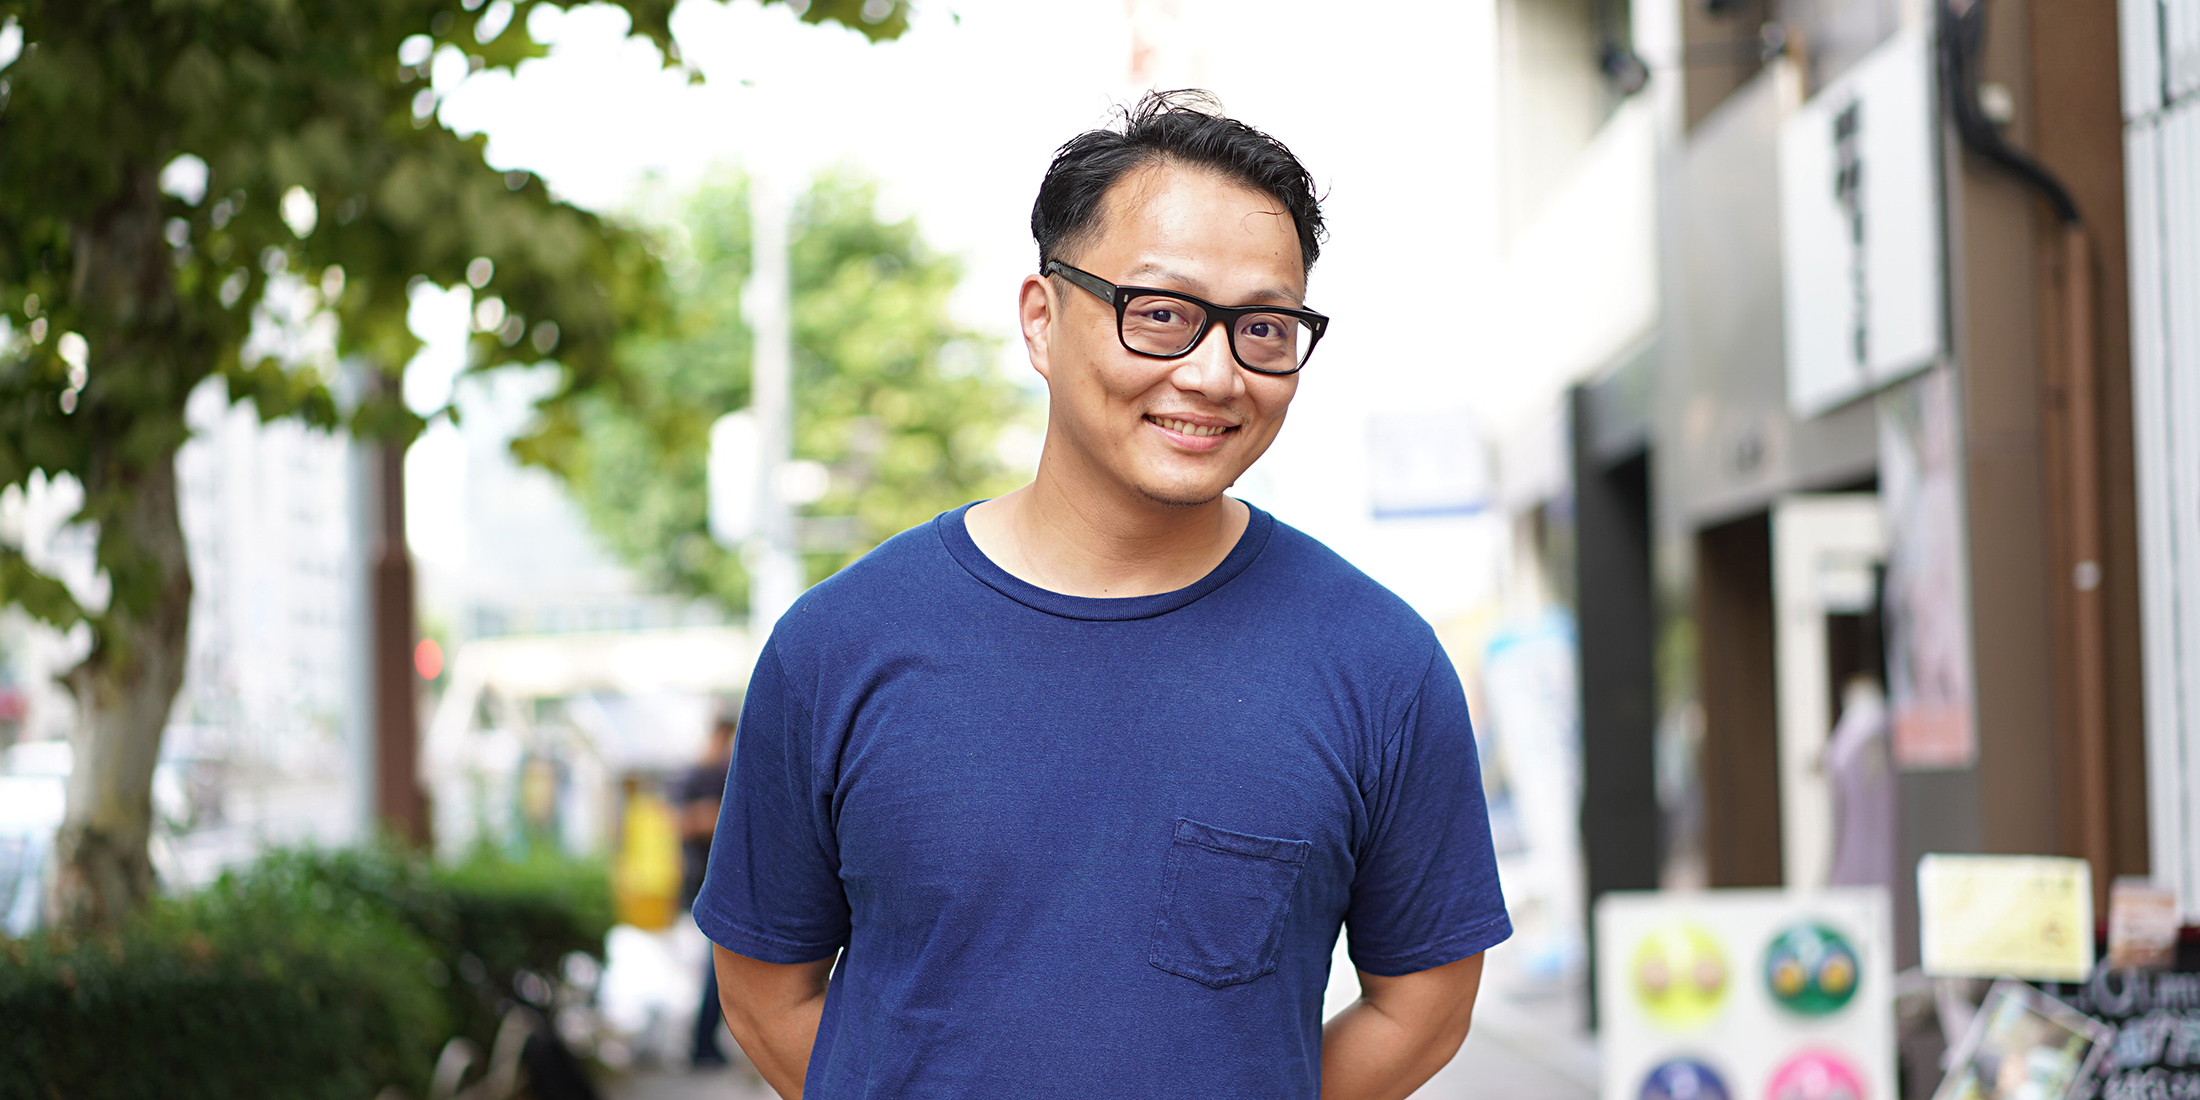 バリスタに夢見る若者を育て、中国独自のコーヒーカルチャーを創りあげる。